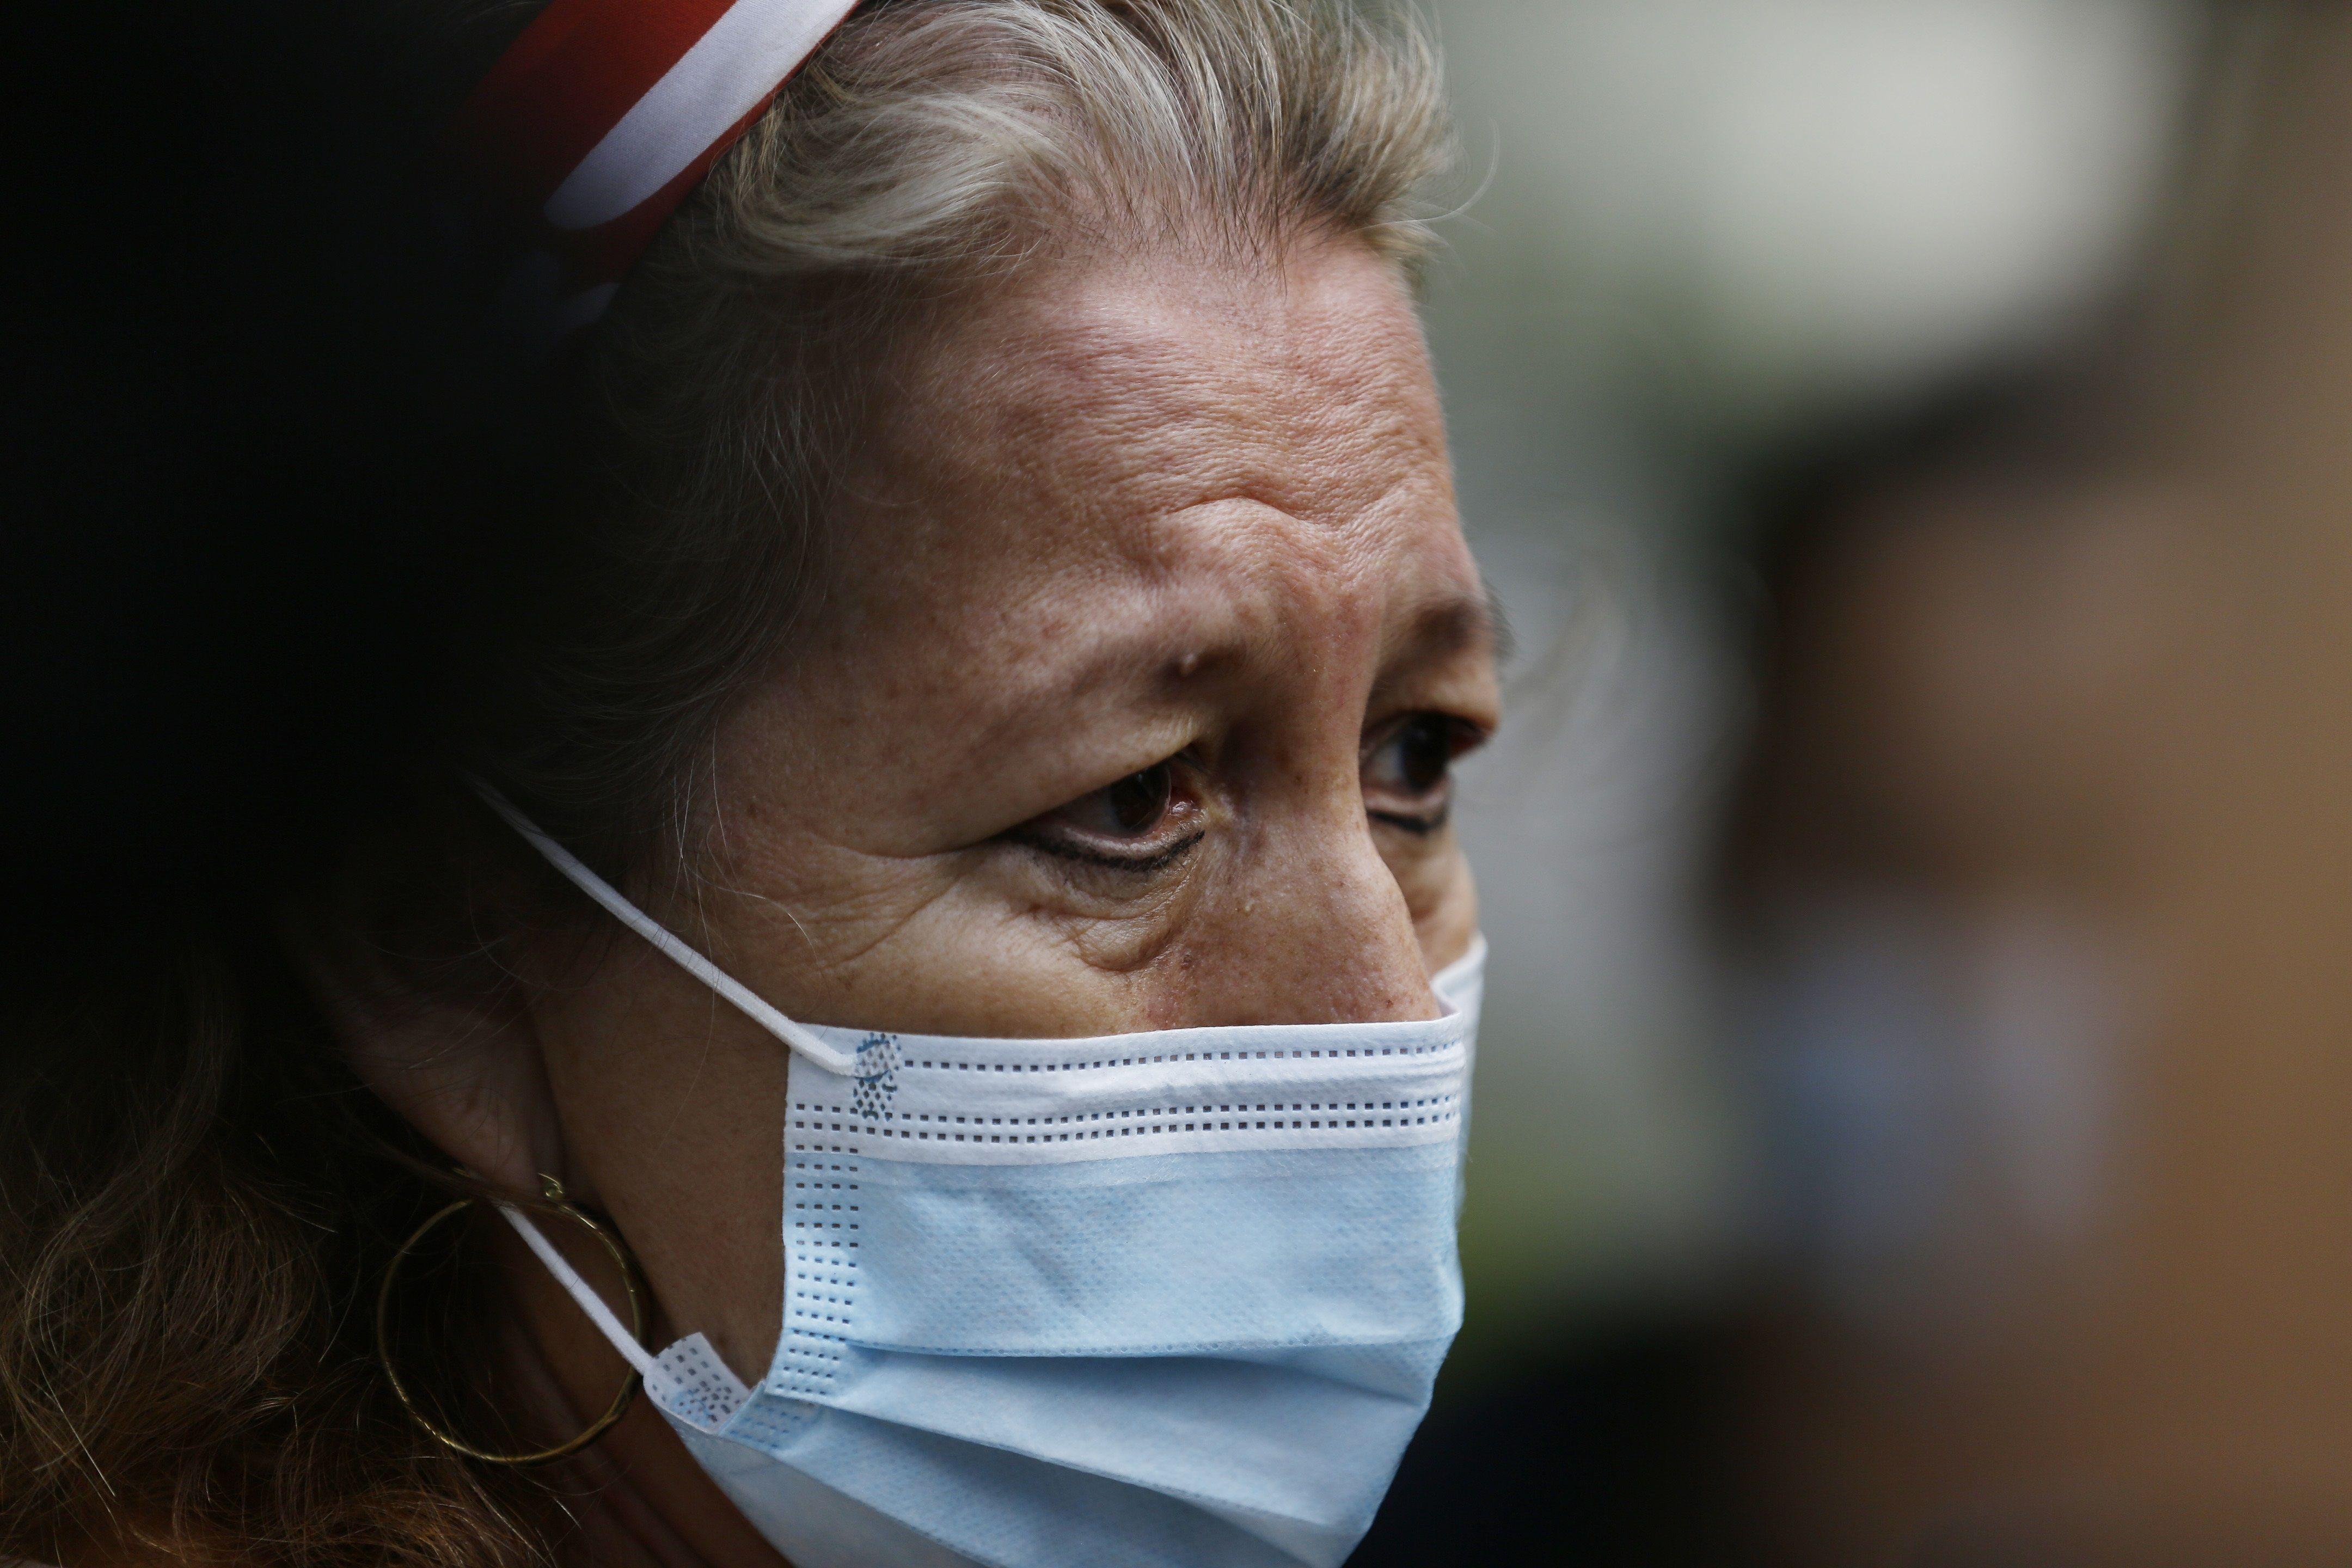 Rosibel Emérita Arriaza, madre de la salvadoreña Víctoria Salazar quien murió al ser sometida por la policía en México, reacciona tras abandonar una reunión hoy, en Cancillería, en San Salvador (El Salvador). EFE/ Rodrigo Sura